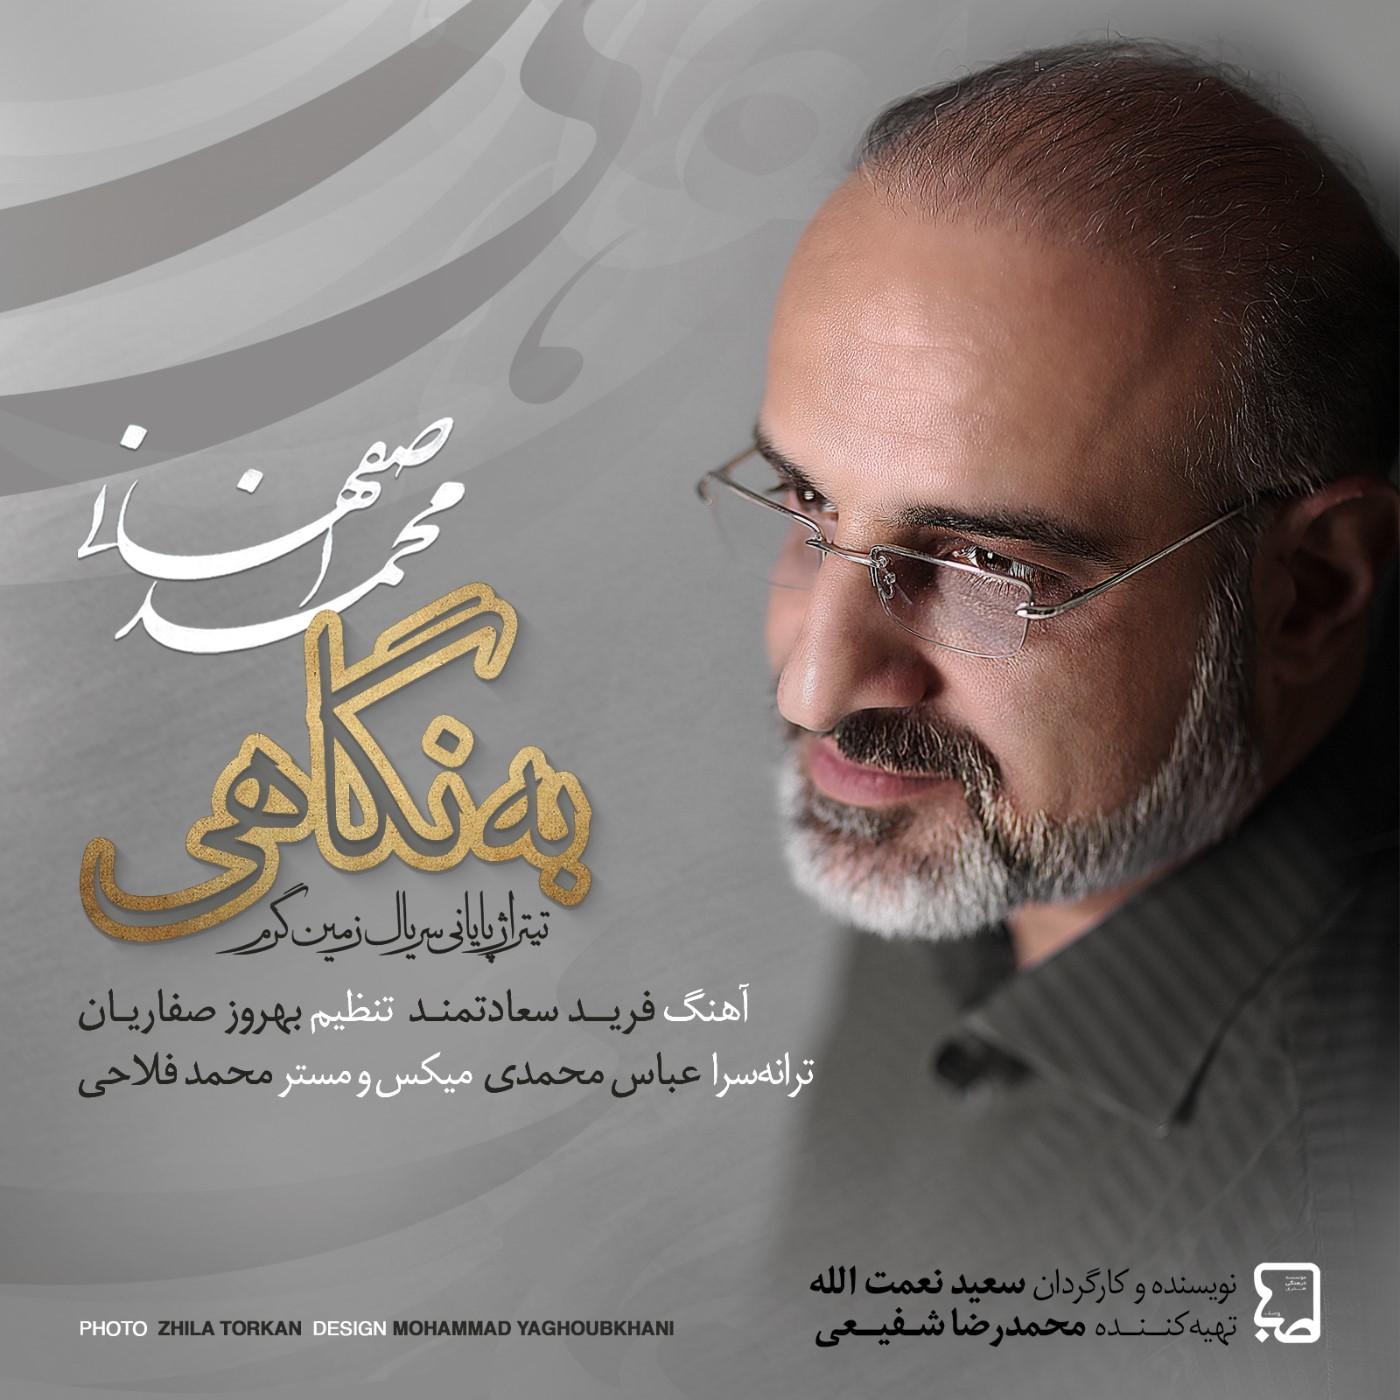 دانلود آهنگ محمد اصفهانی به نام به نگاهی از موزیک باز